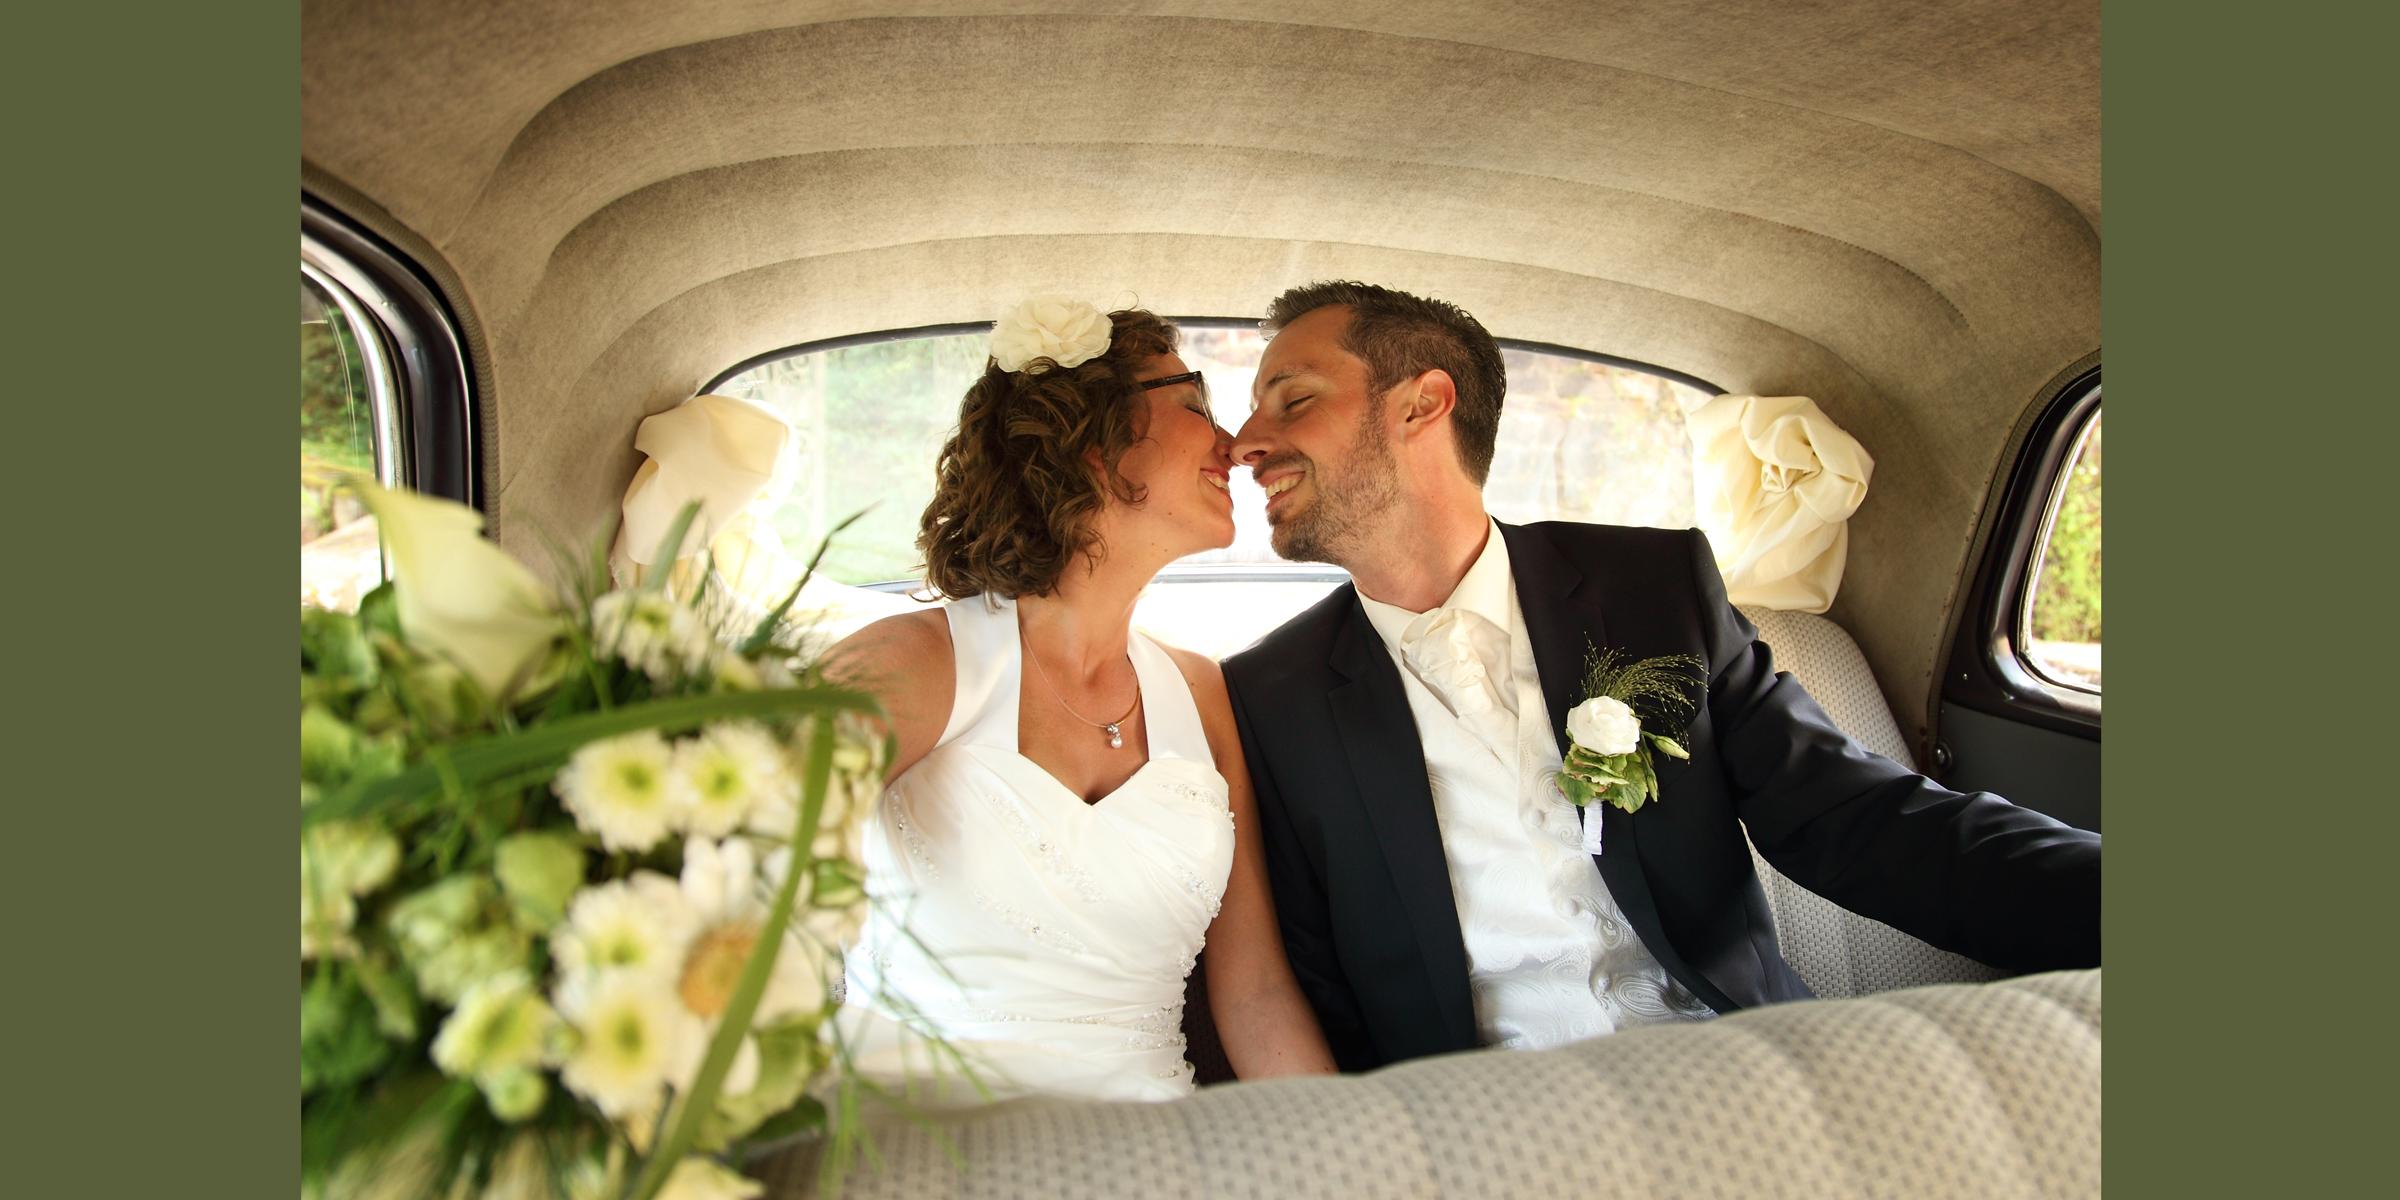 Hochzeitsportrait eines Mannes im dunklen Anzug und einer Frau im weißen Brautkleid (Brautpaar), die lächelnd auf dem Rücksitz eines, mit Blumen geschmückten, Autos sitzen und sich küssen wollen.